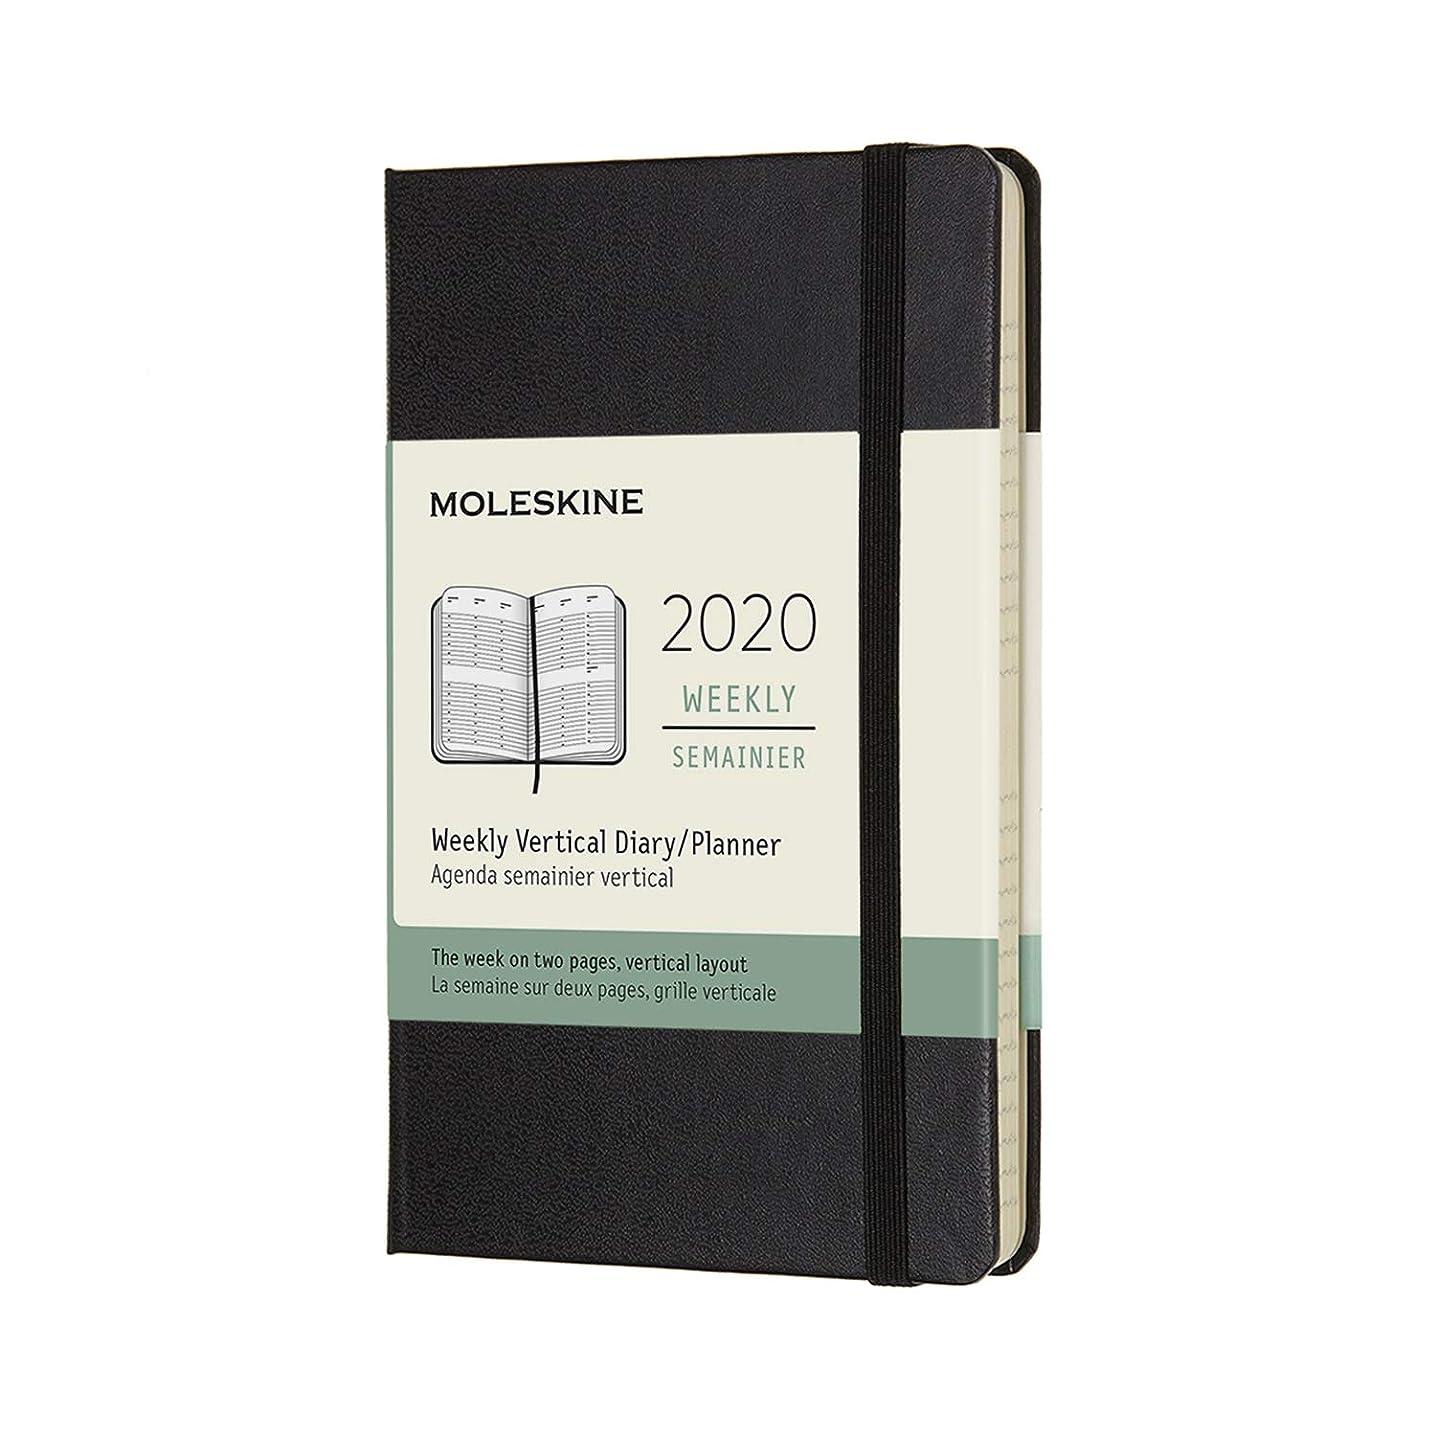 申請者謝る無礼にモレスキン 手帳 2020年 1月始まり 12ヶ月ウィークリーダイアリー バーチカル(縦型) ハードカバー ポケットサイズ ブラック DHB12WV2Y20-e